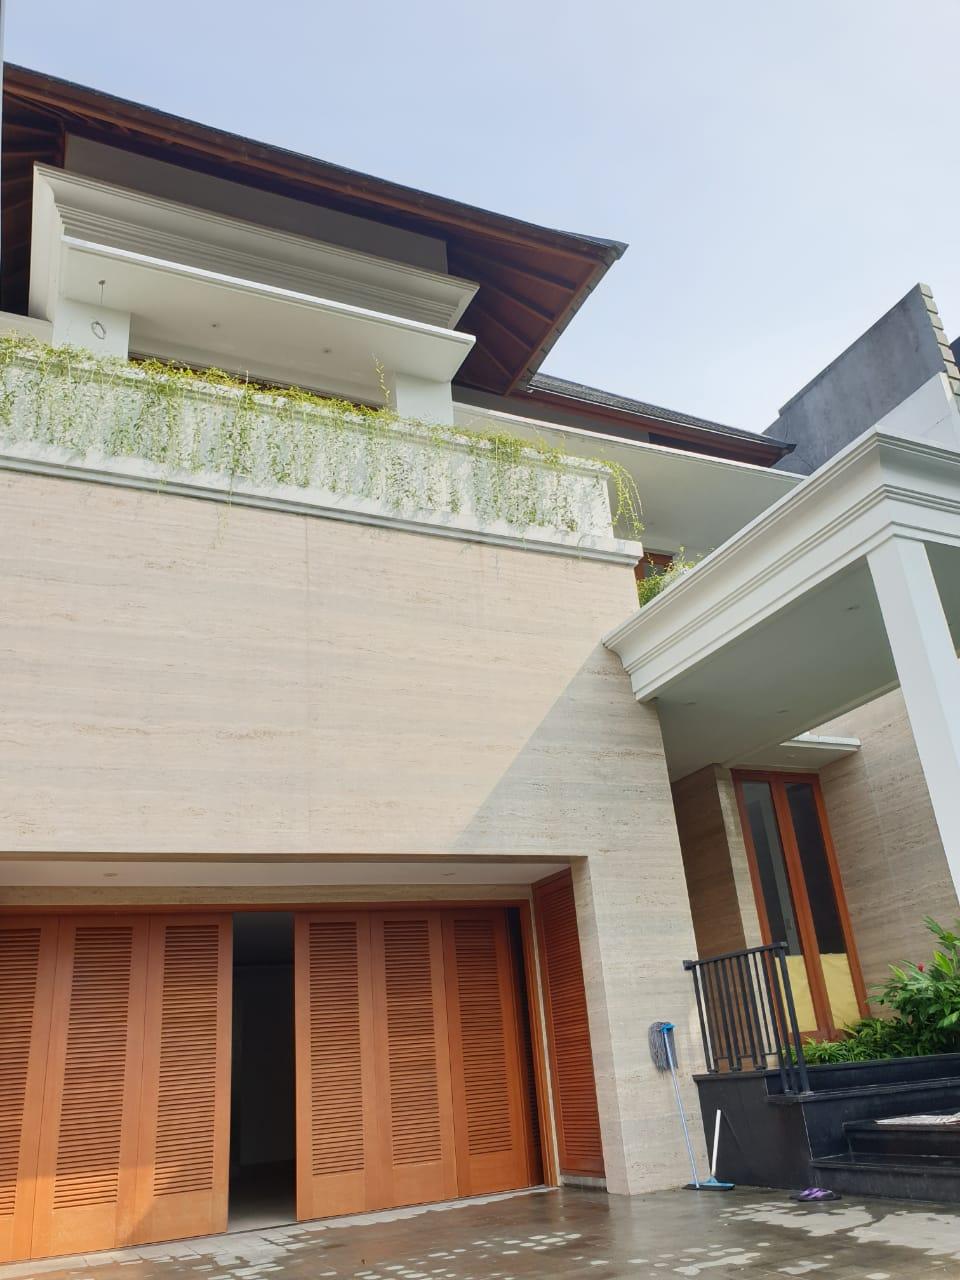 Rumah mewah Bonus Kolam Renang di Pondok Indah, Jakarta Selatan - 5